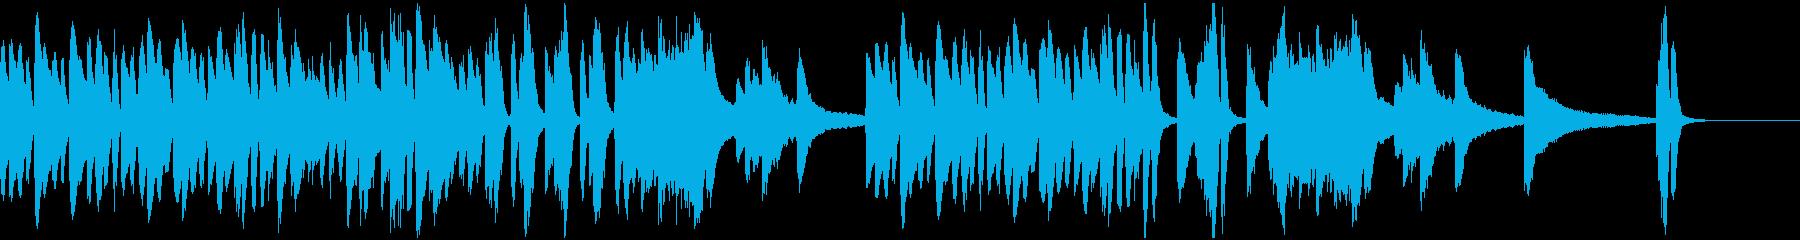 コミカルだけど重厚なピアノソロの再生済みの波形